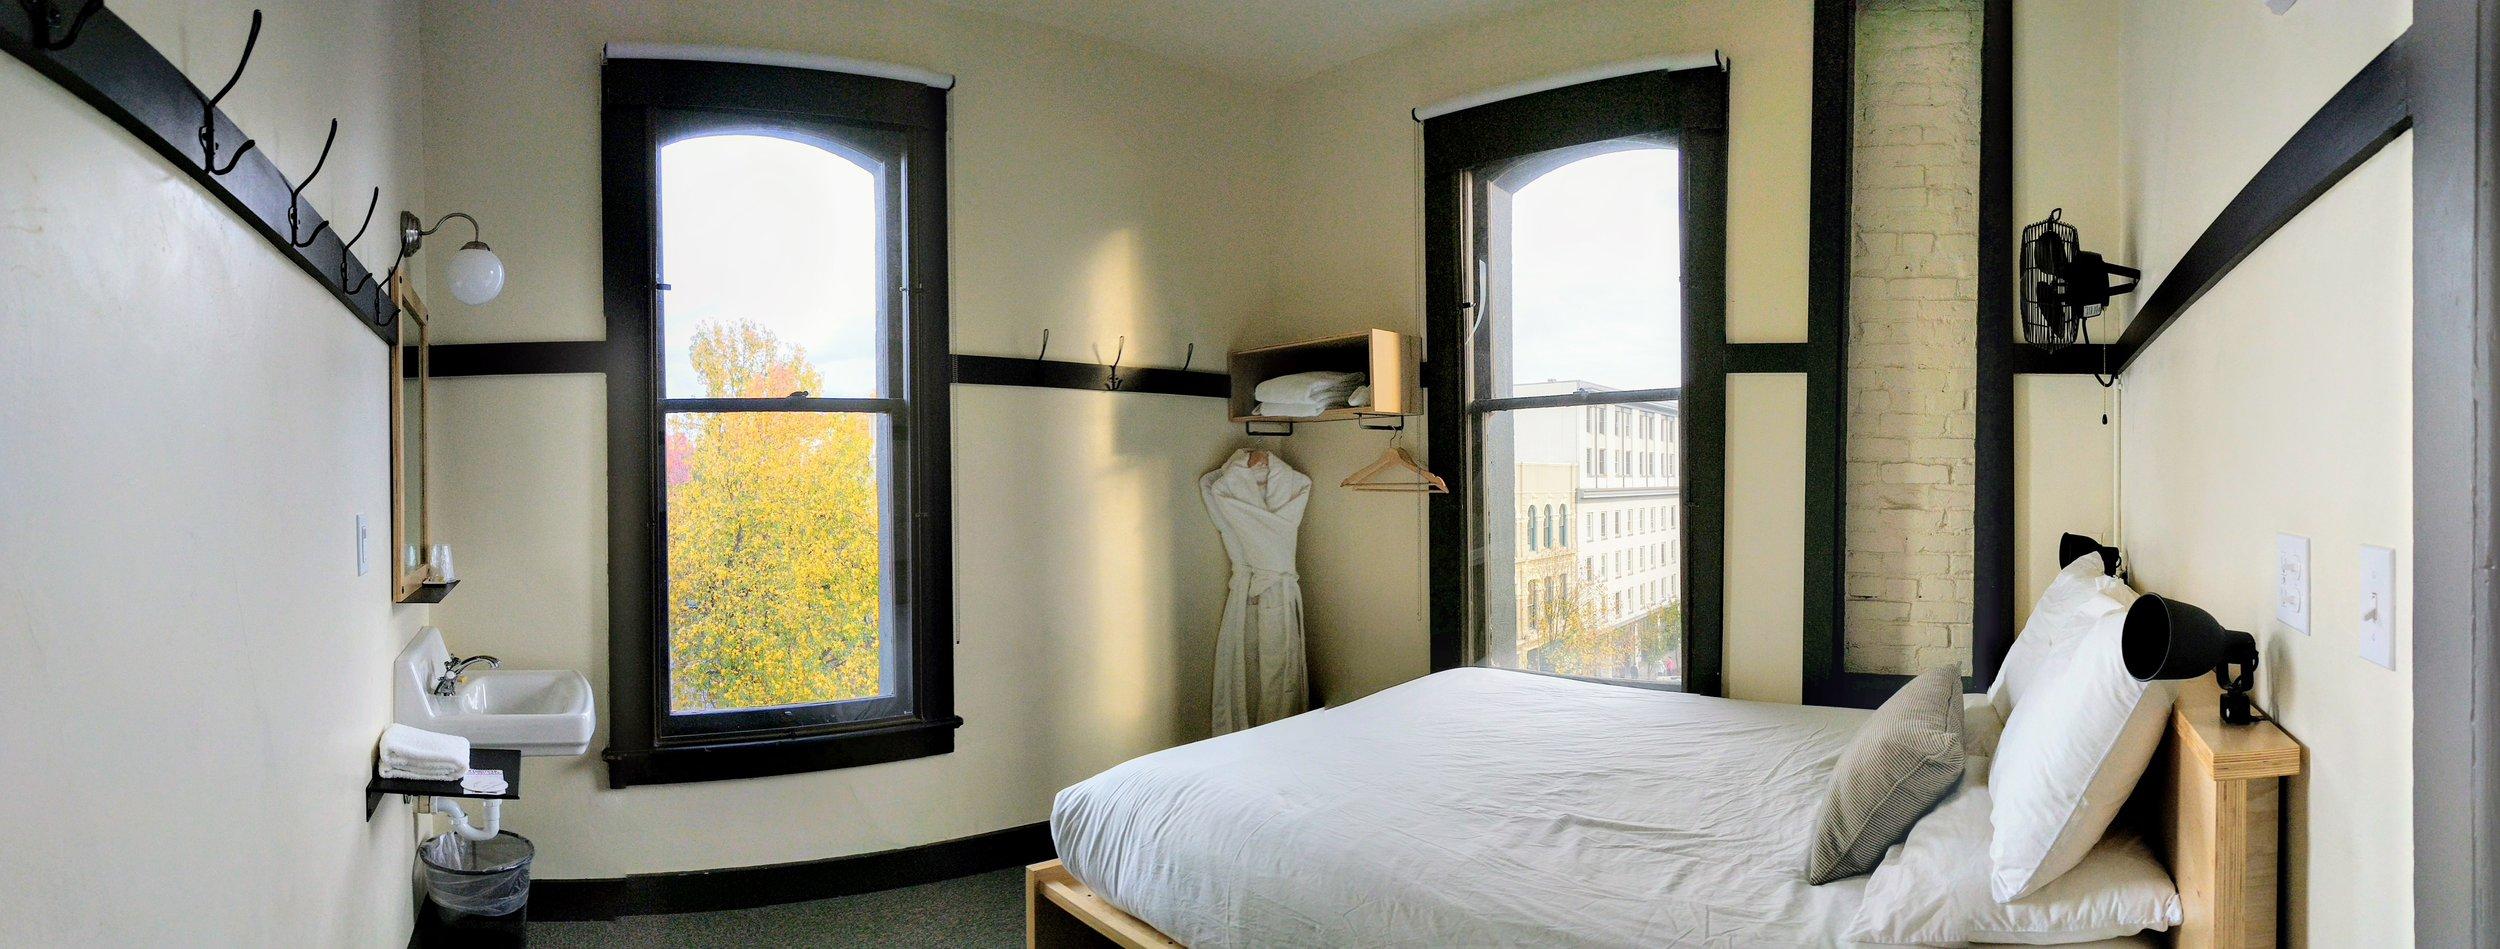 society-hotel-standard-room.jpg